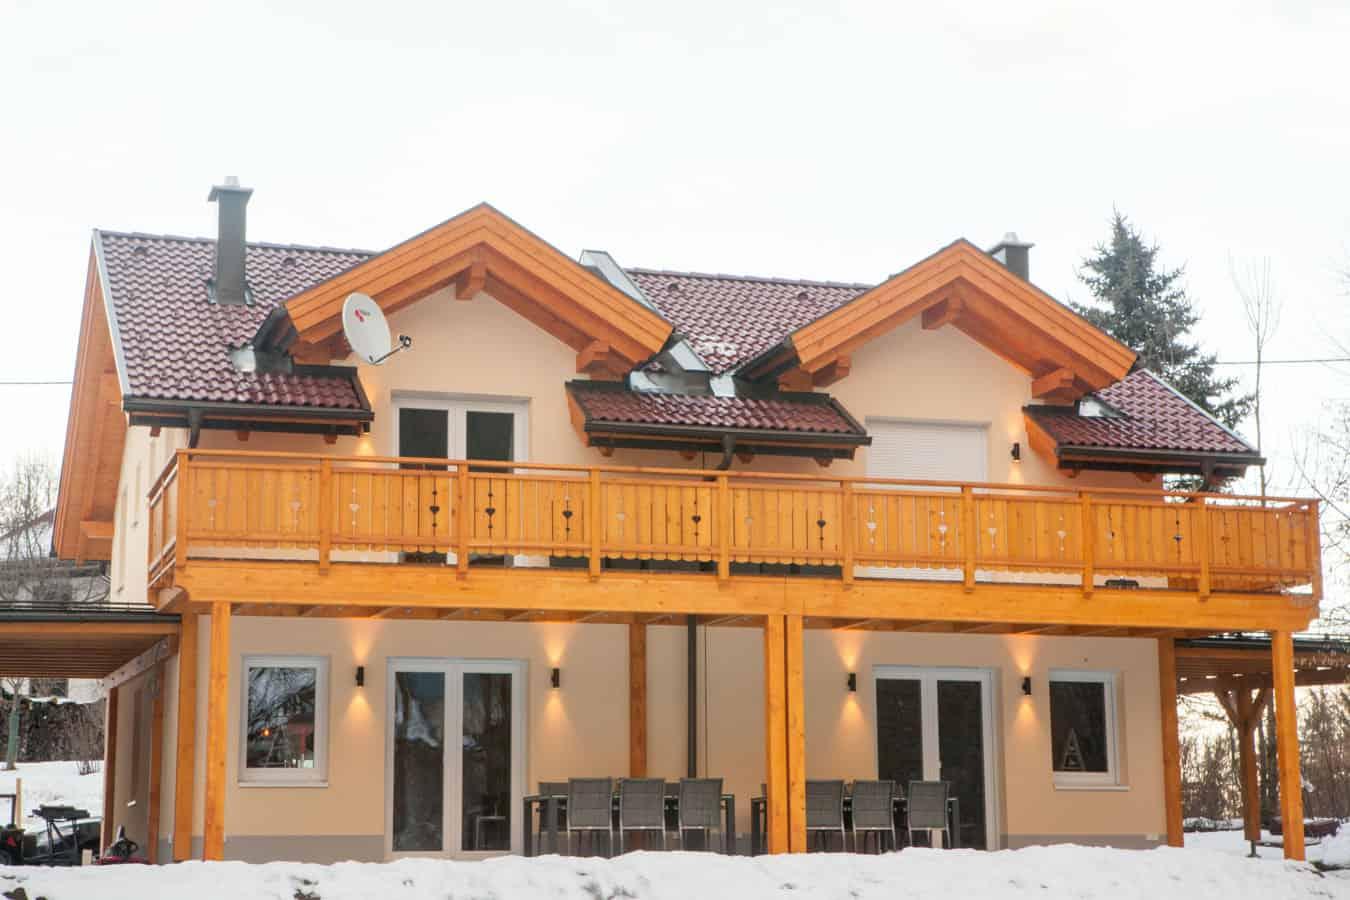 kwo-villa-villa-gluck-auf-05-50-1227-achterzijde-huis